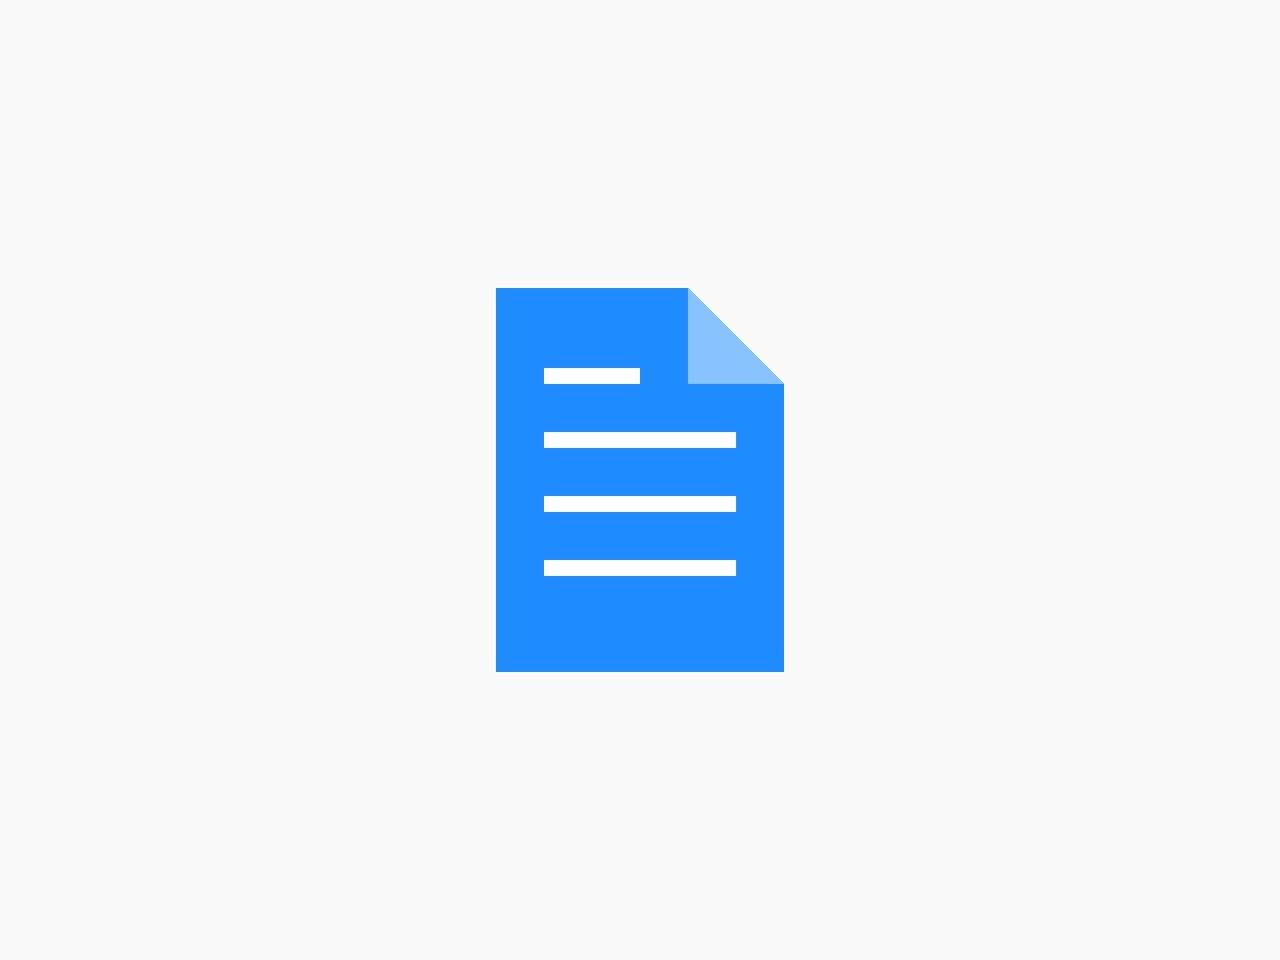 Las Vegas police investigating break-in at Republican headquarters